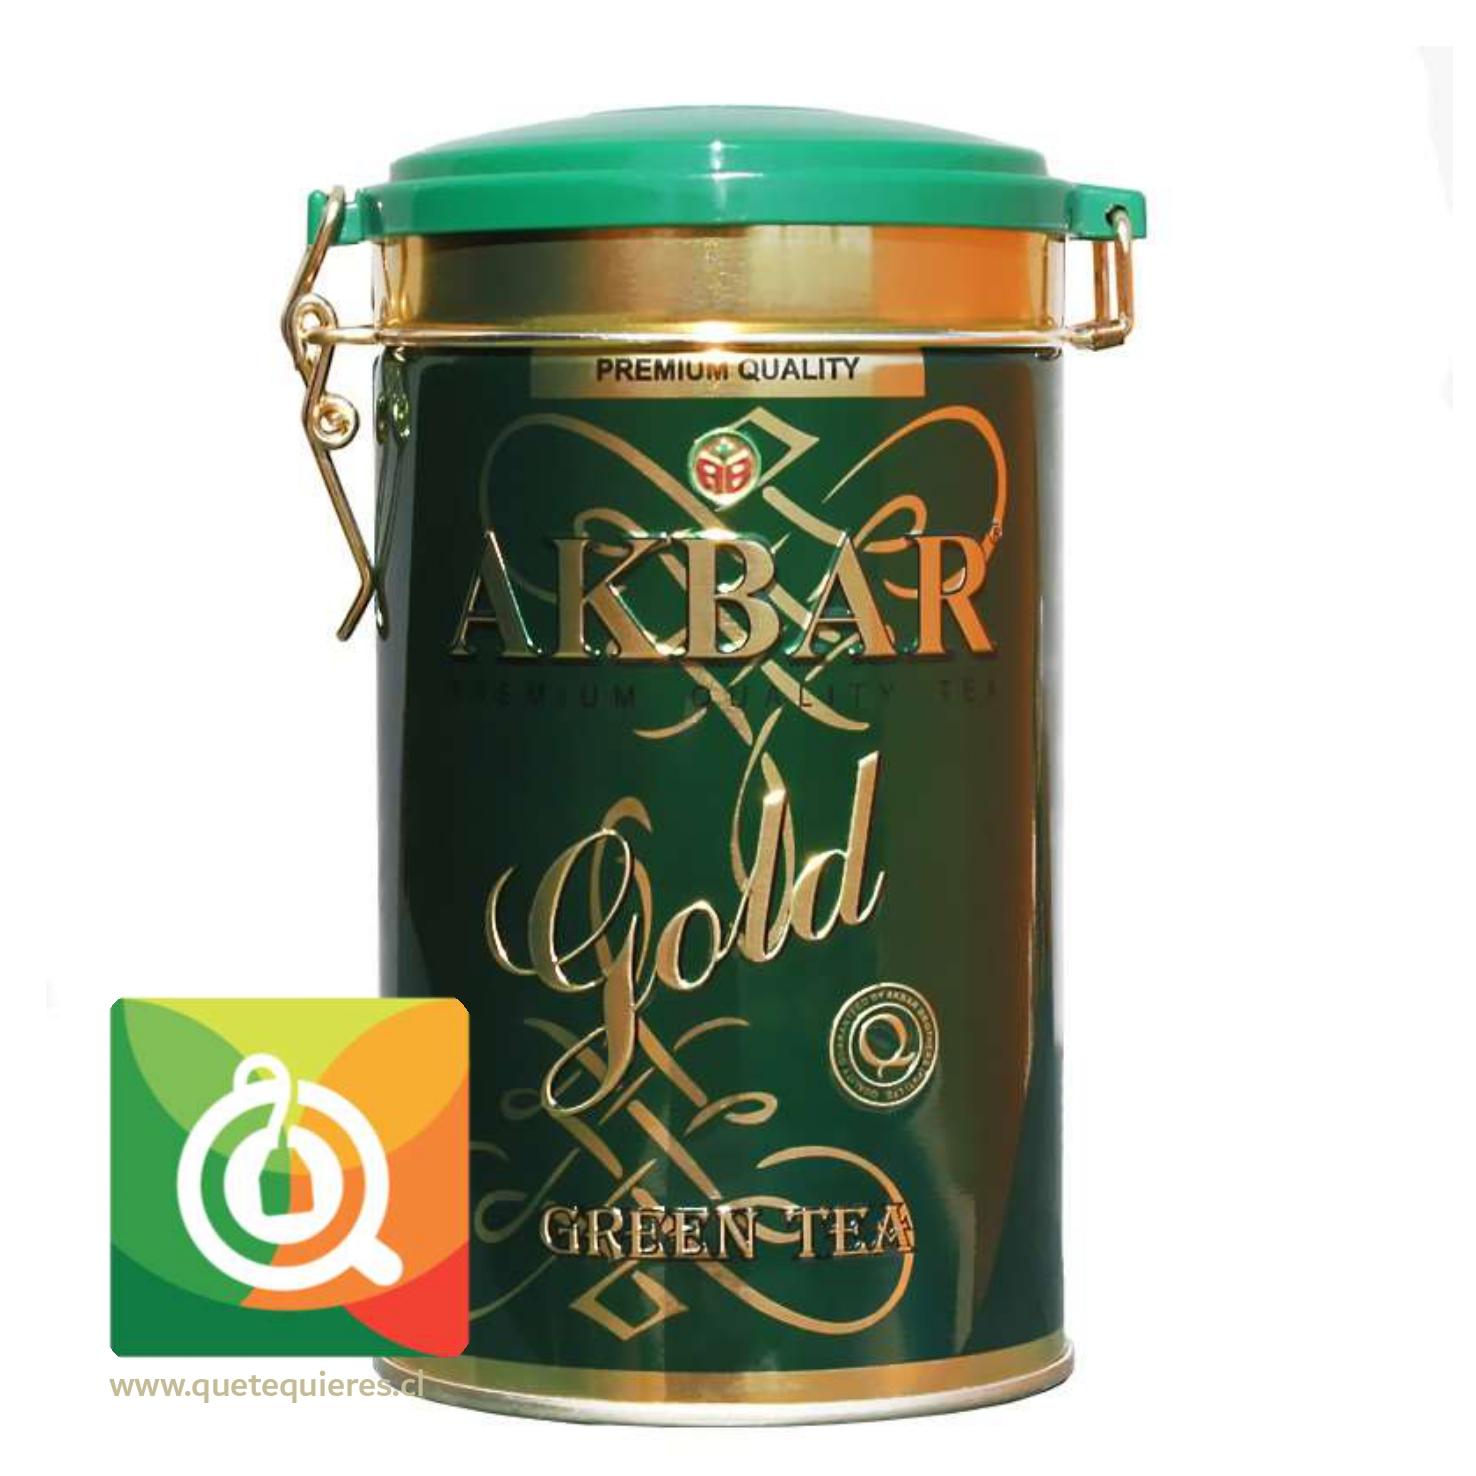 Akbar Gold Té Verde Tarro 275 en Hoja